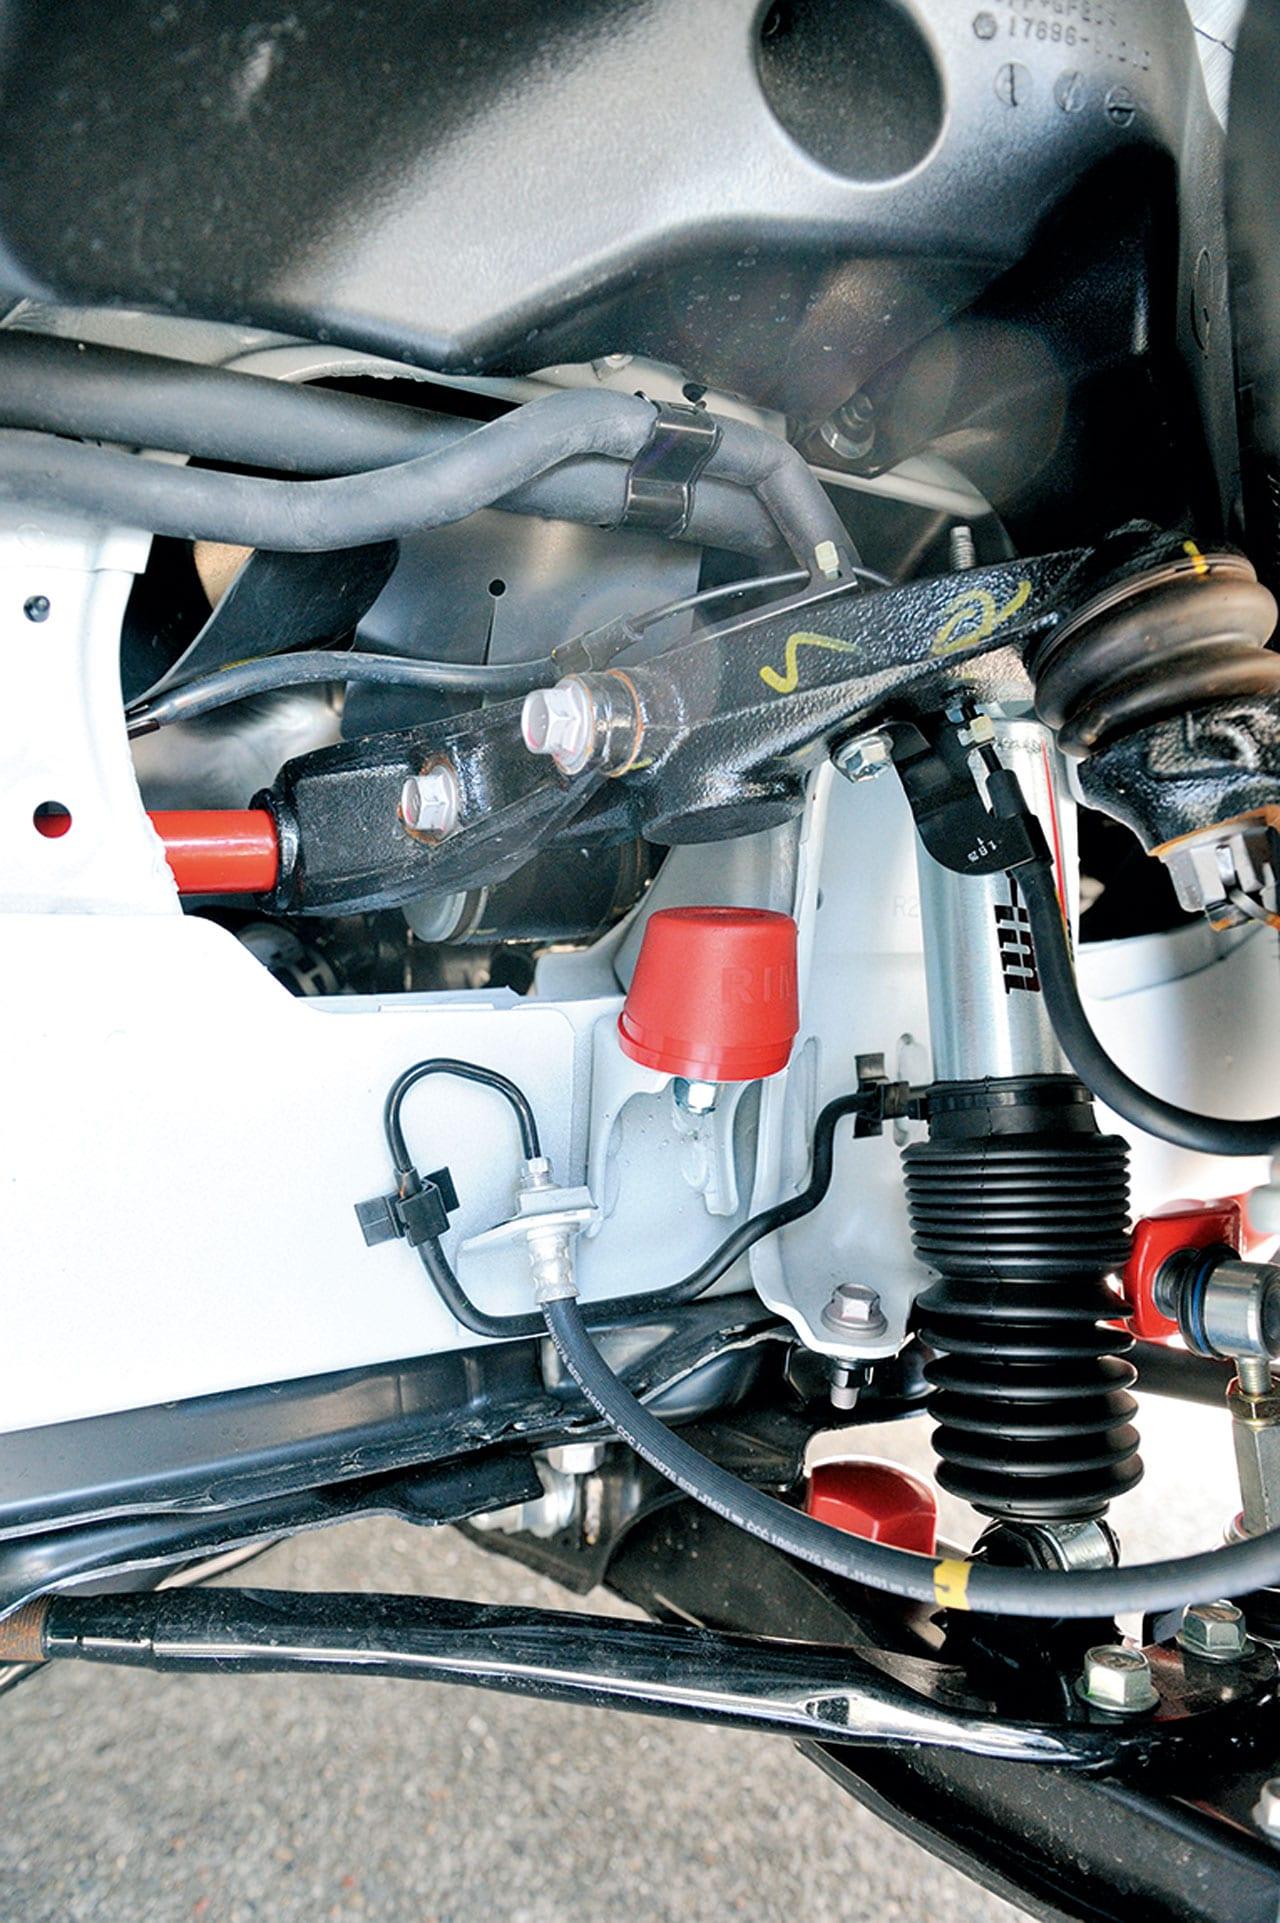 ヨンクシーンの名門「ランチョ」と共同開発した倒立式ダンパー|200系ハイエース カスタム